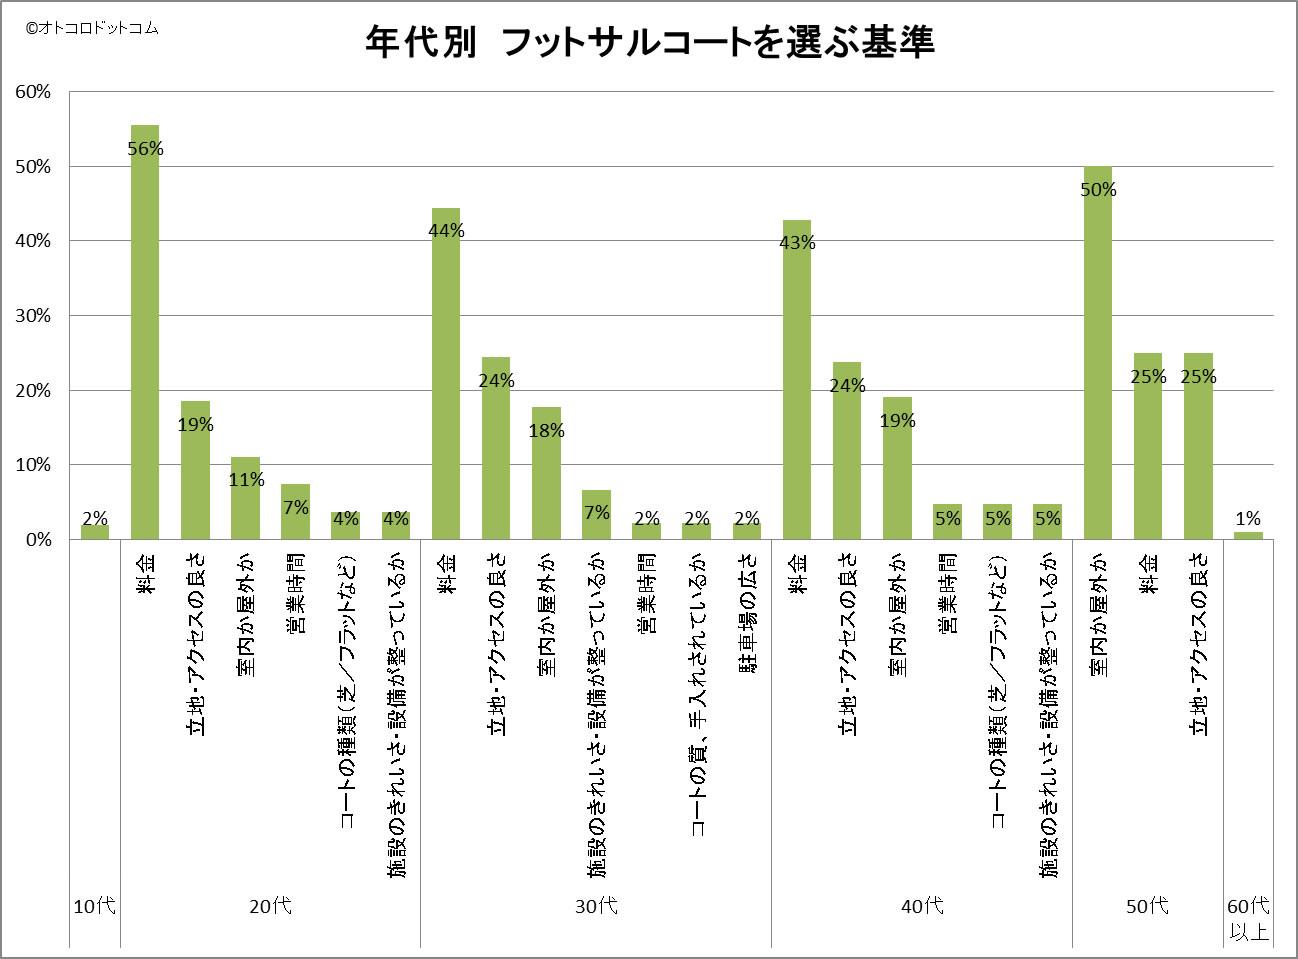 年代別 フットサルコートを選ぶ基準 アンケート結果グラフ